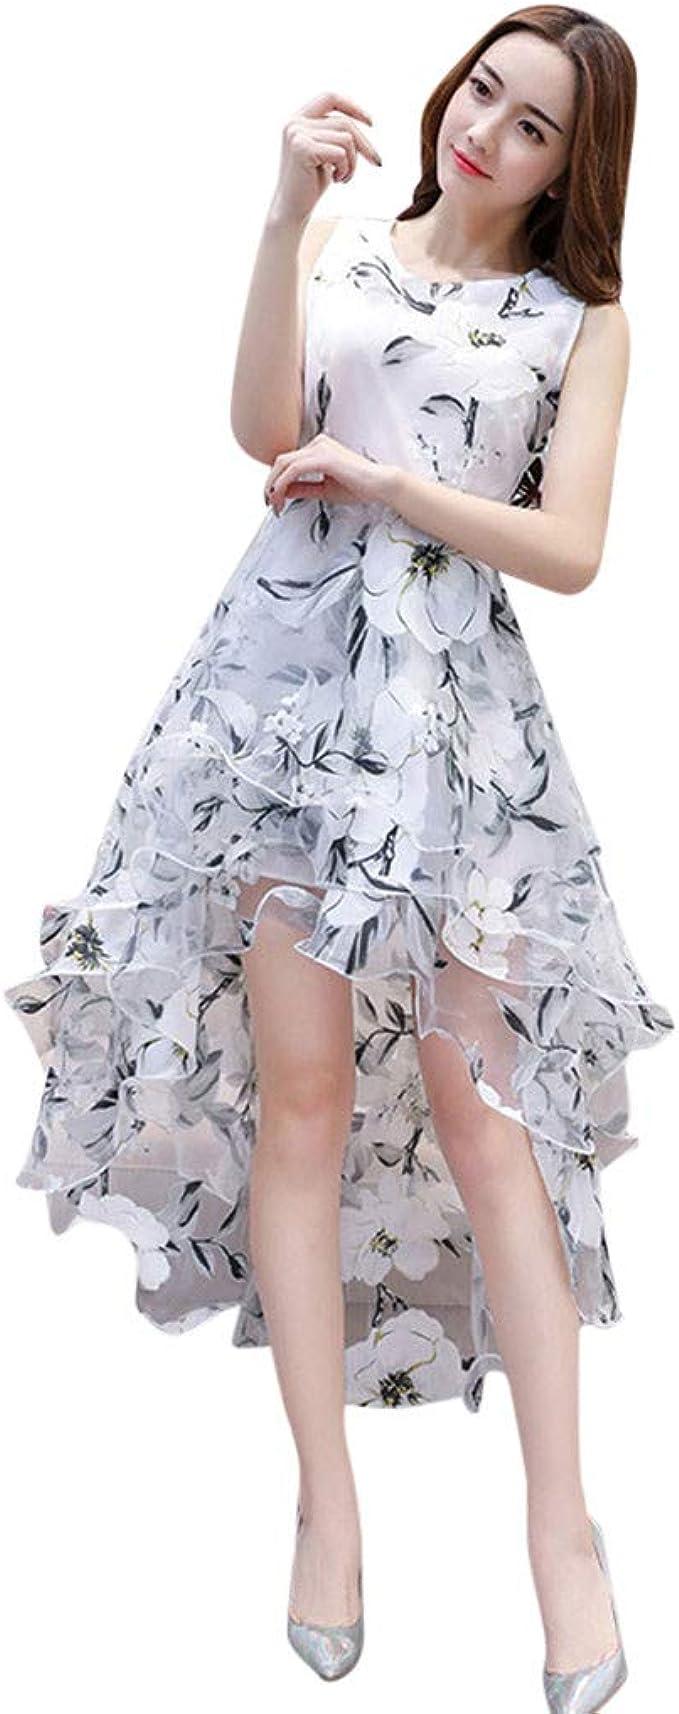 Salucia Damen Cocktail Kleid Rundhals Armellos Blumen Tull Kleider Elegant Knielang Vokuhila Ruschen Abendkleid Ballkleid Abiballkleid Partykleider Fur Frauen Hochzeit Amazon De Bekleidung